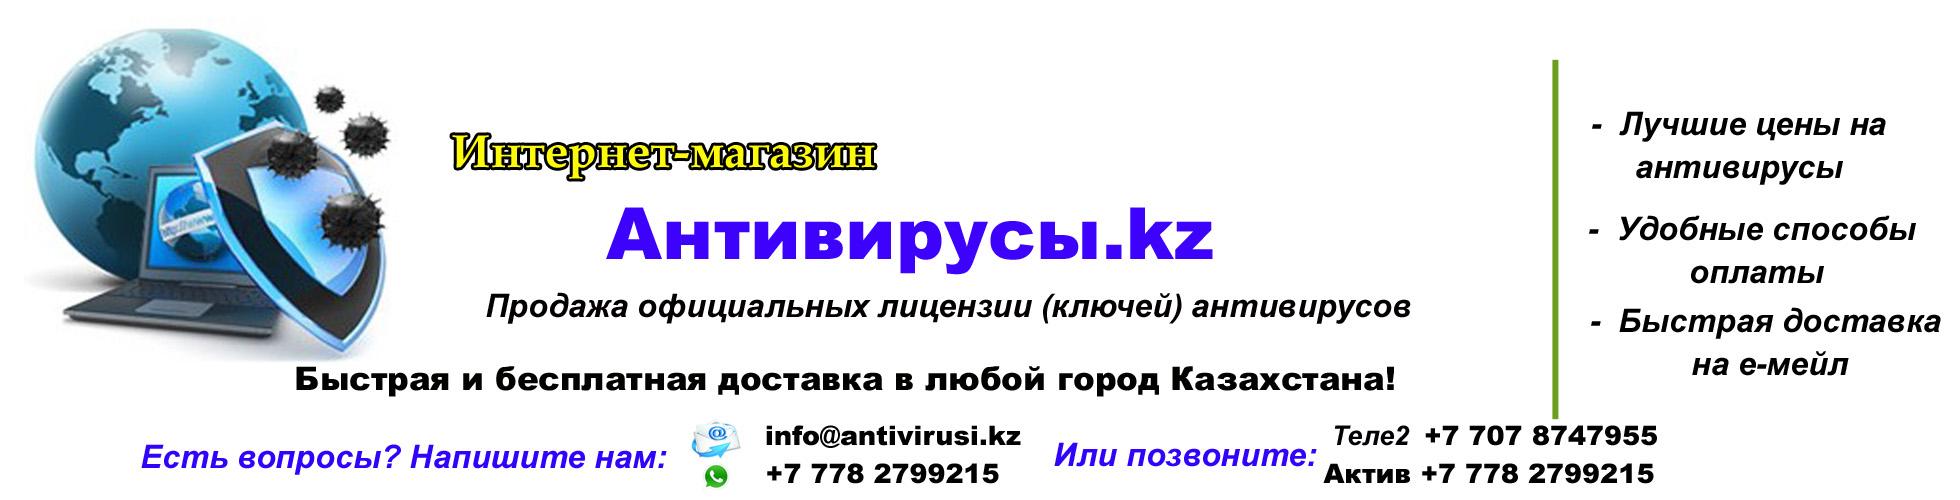 Купить антивирусы со скидкой в Казахстане